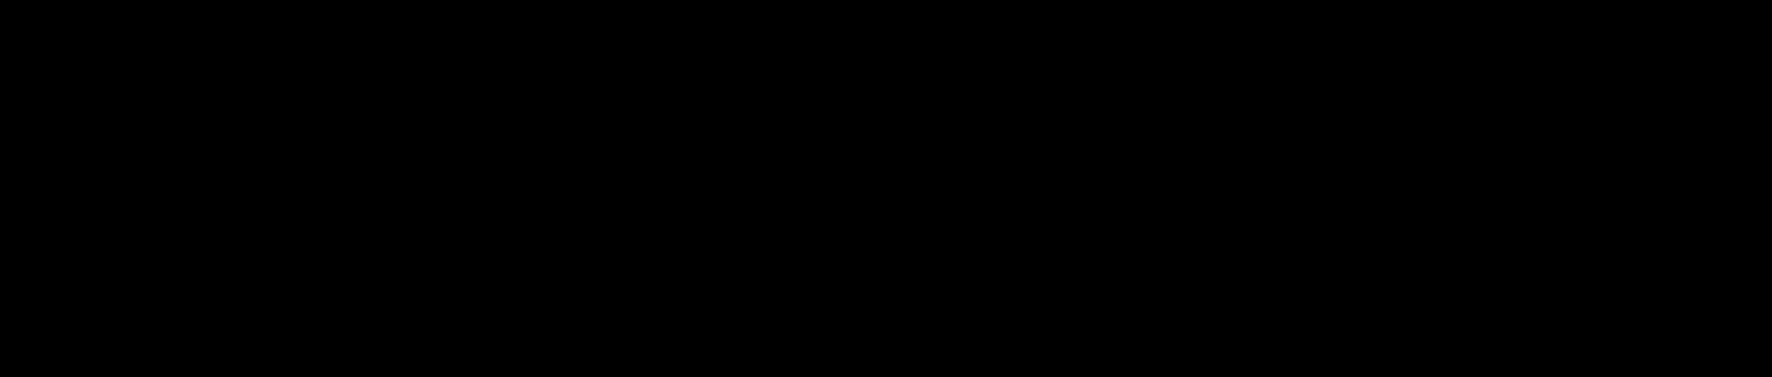 qld-finch-logo